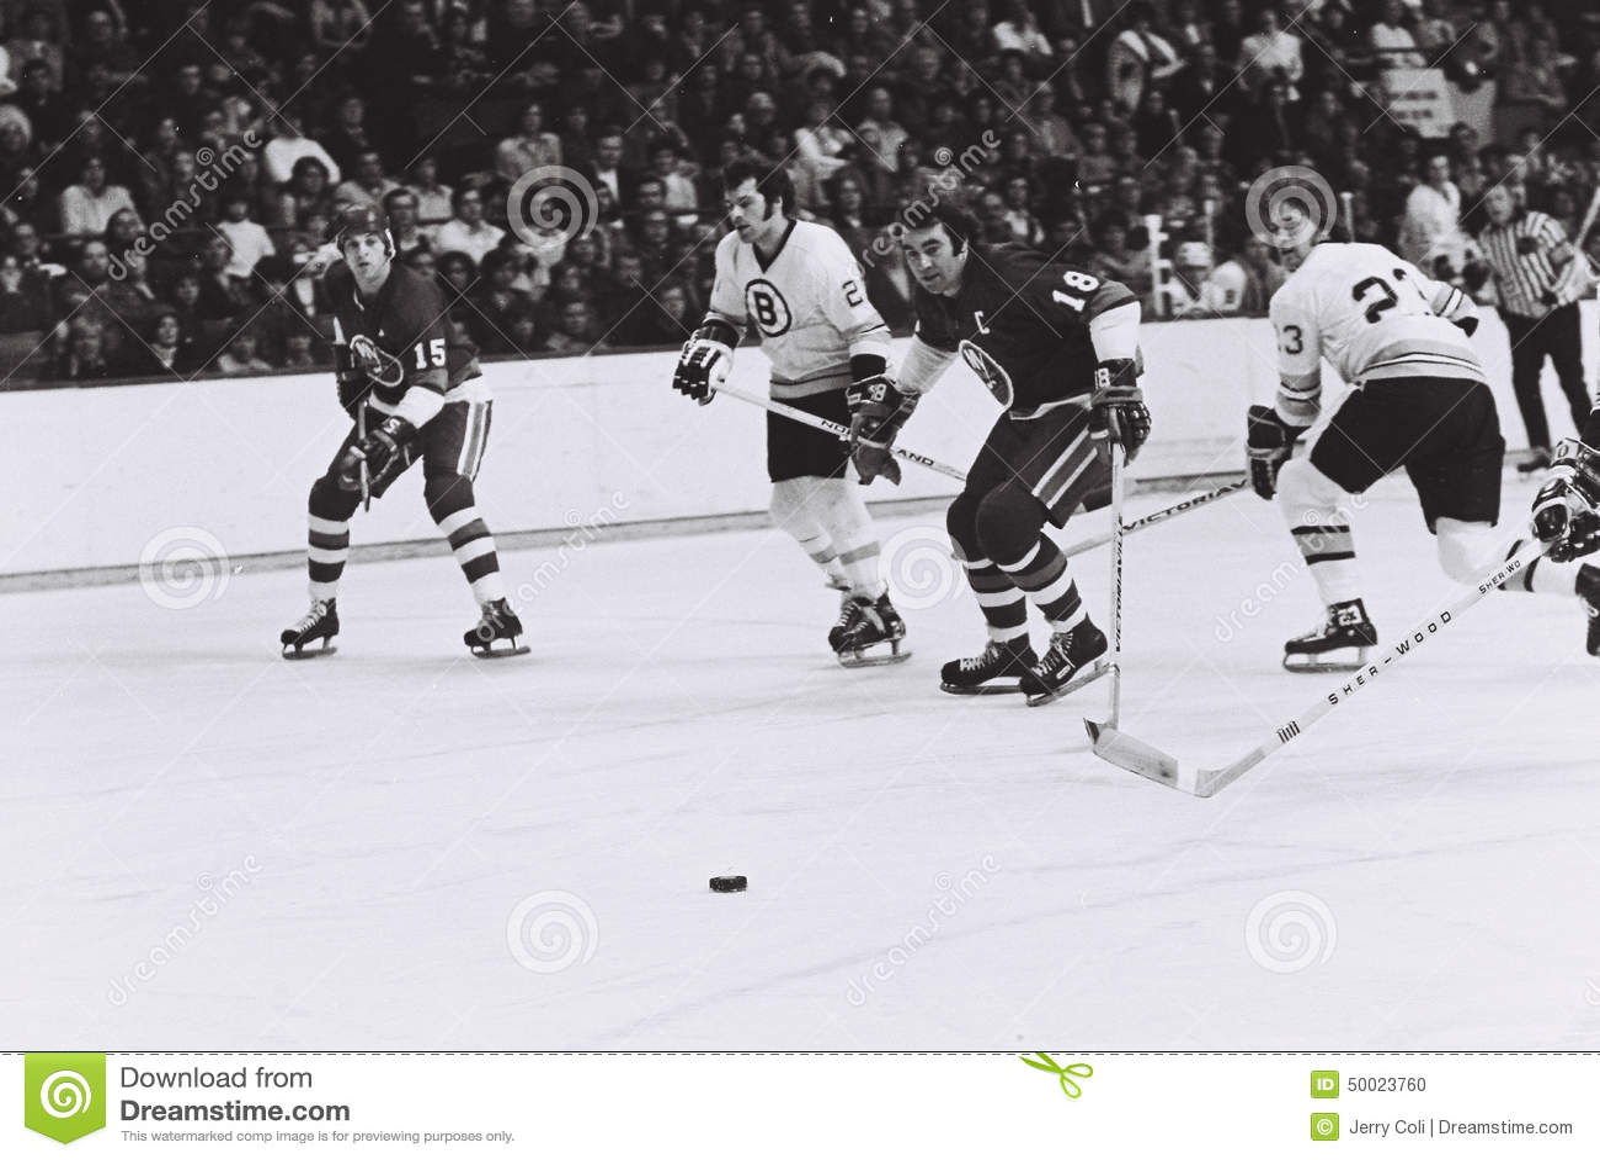 Eddie Westfall, New York Islanders